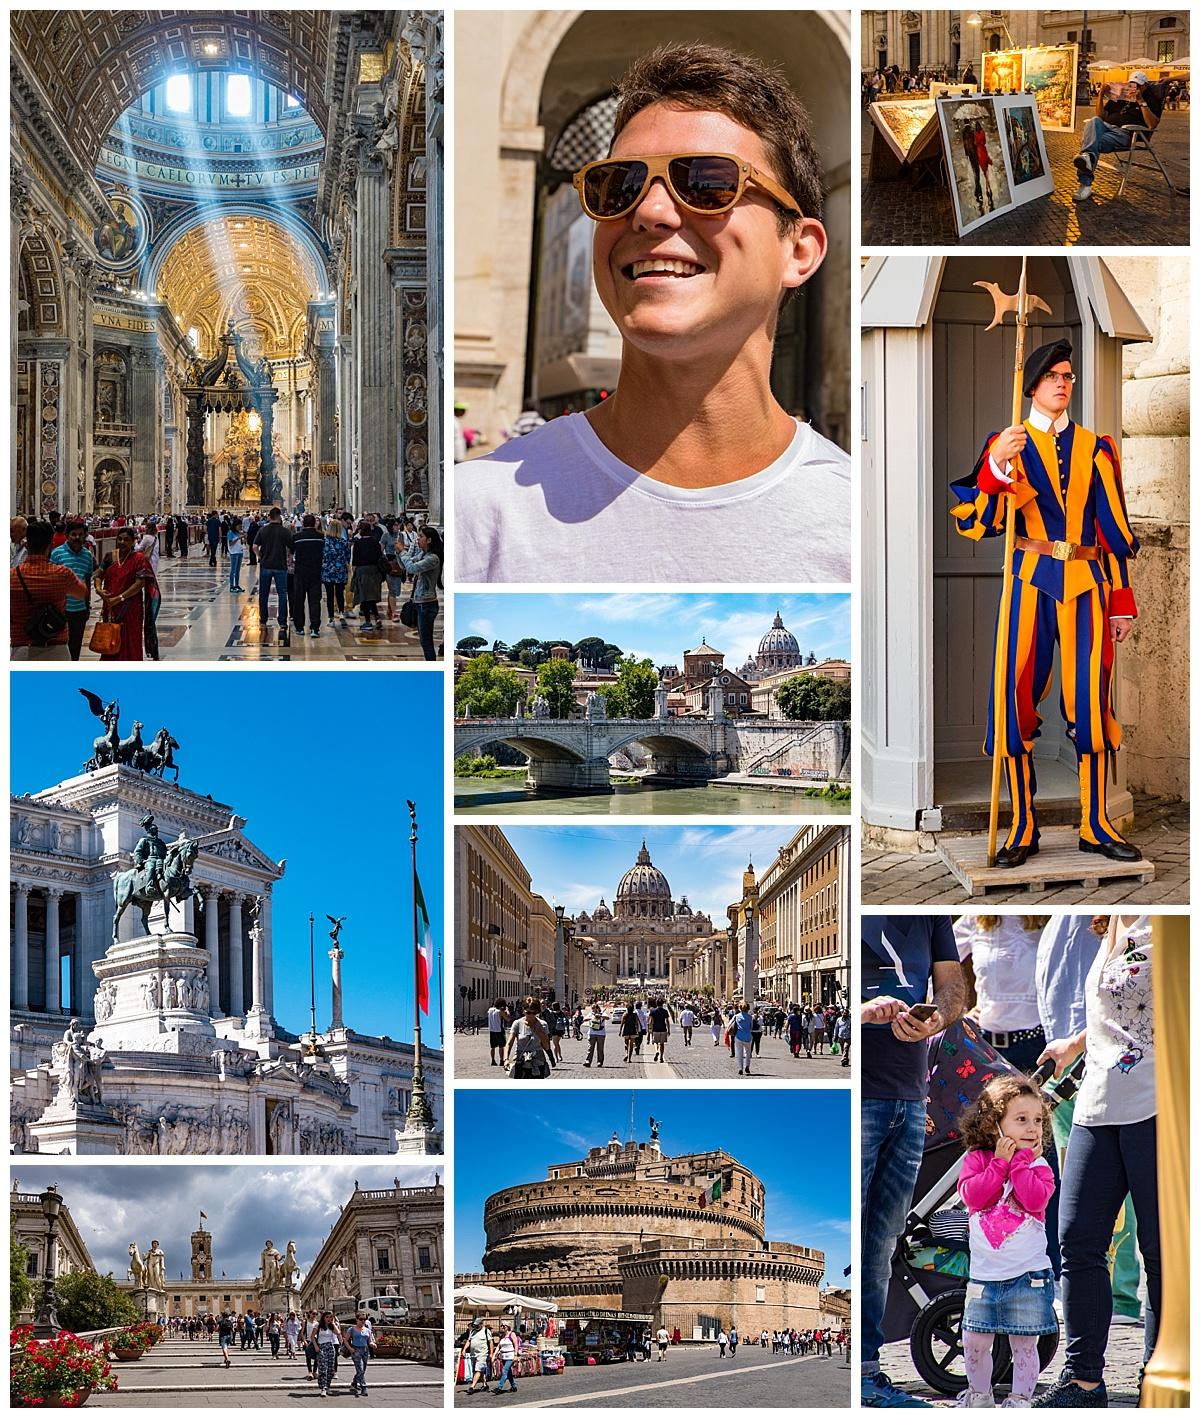 Rome, Italy - scenes